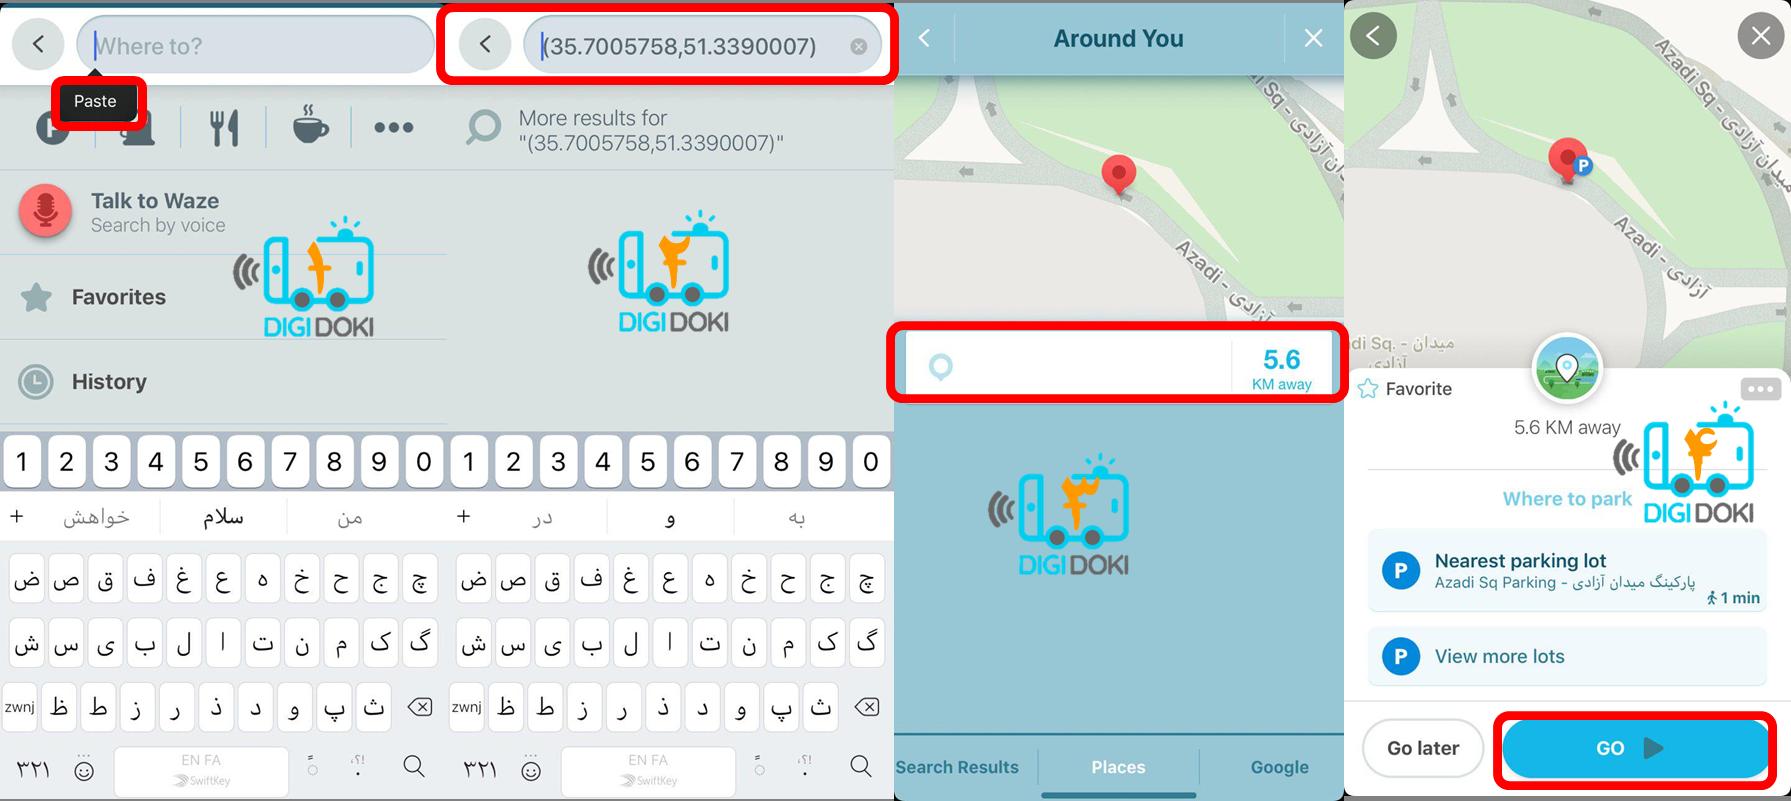 گوگل مپ در ویز البان